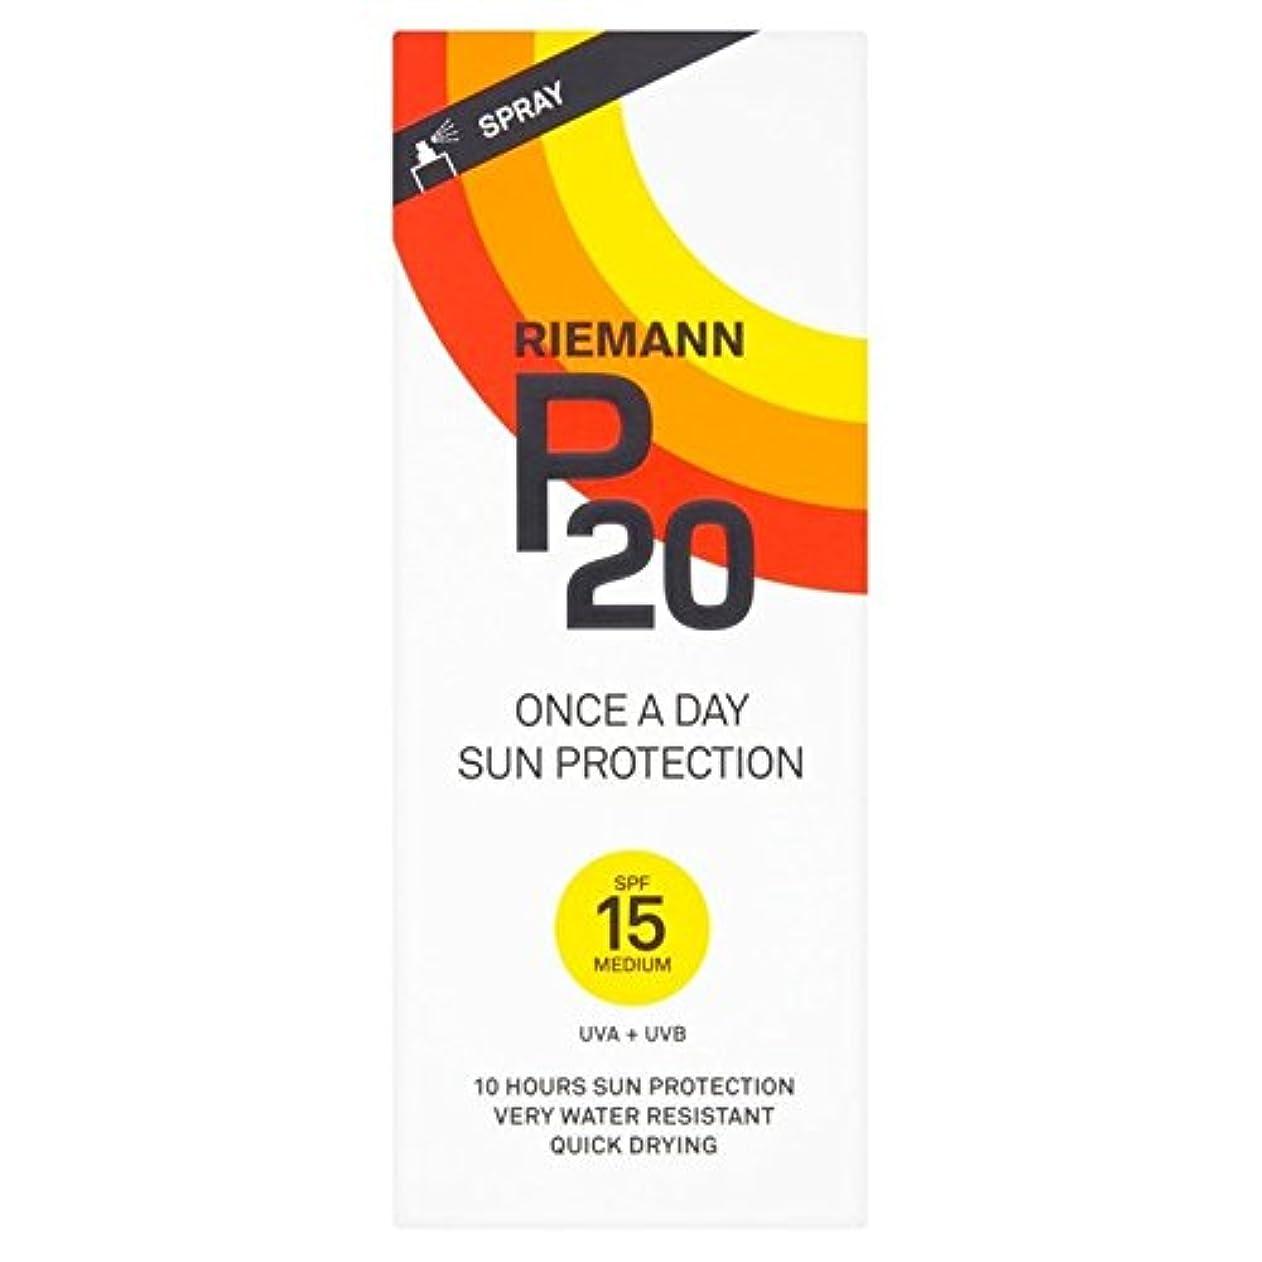 振り子茎きょうだいリーマン20 15 1日/ 10時間の保護200ミリリットル x2 - Riemann P20 SPF15 1 Day/10 Hour Protection 200ml (Pack of 2) [並行輸入品]